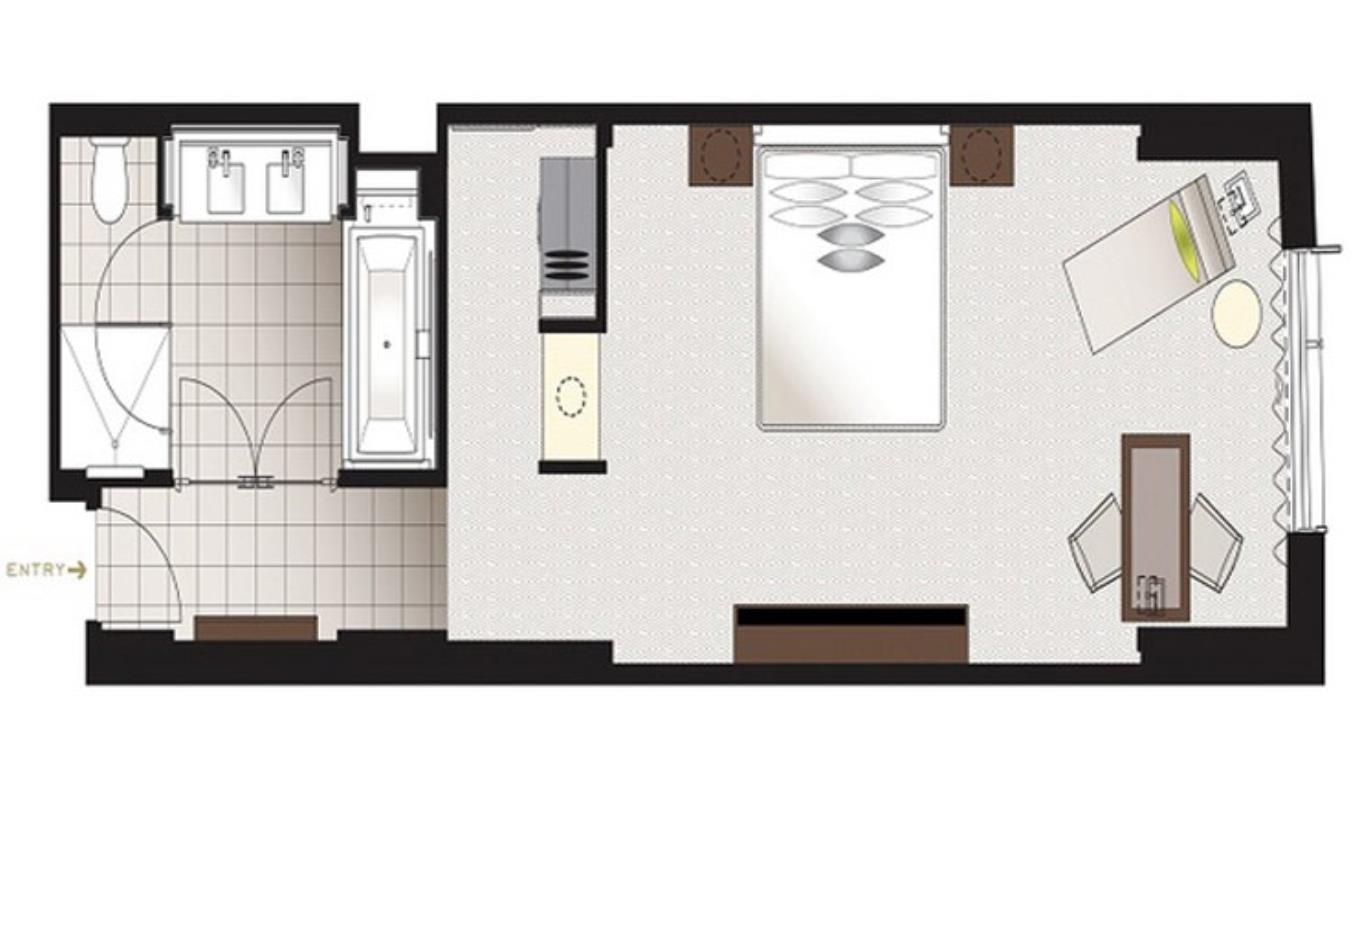 Deluxe Room Floorplan